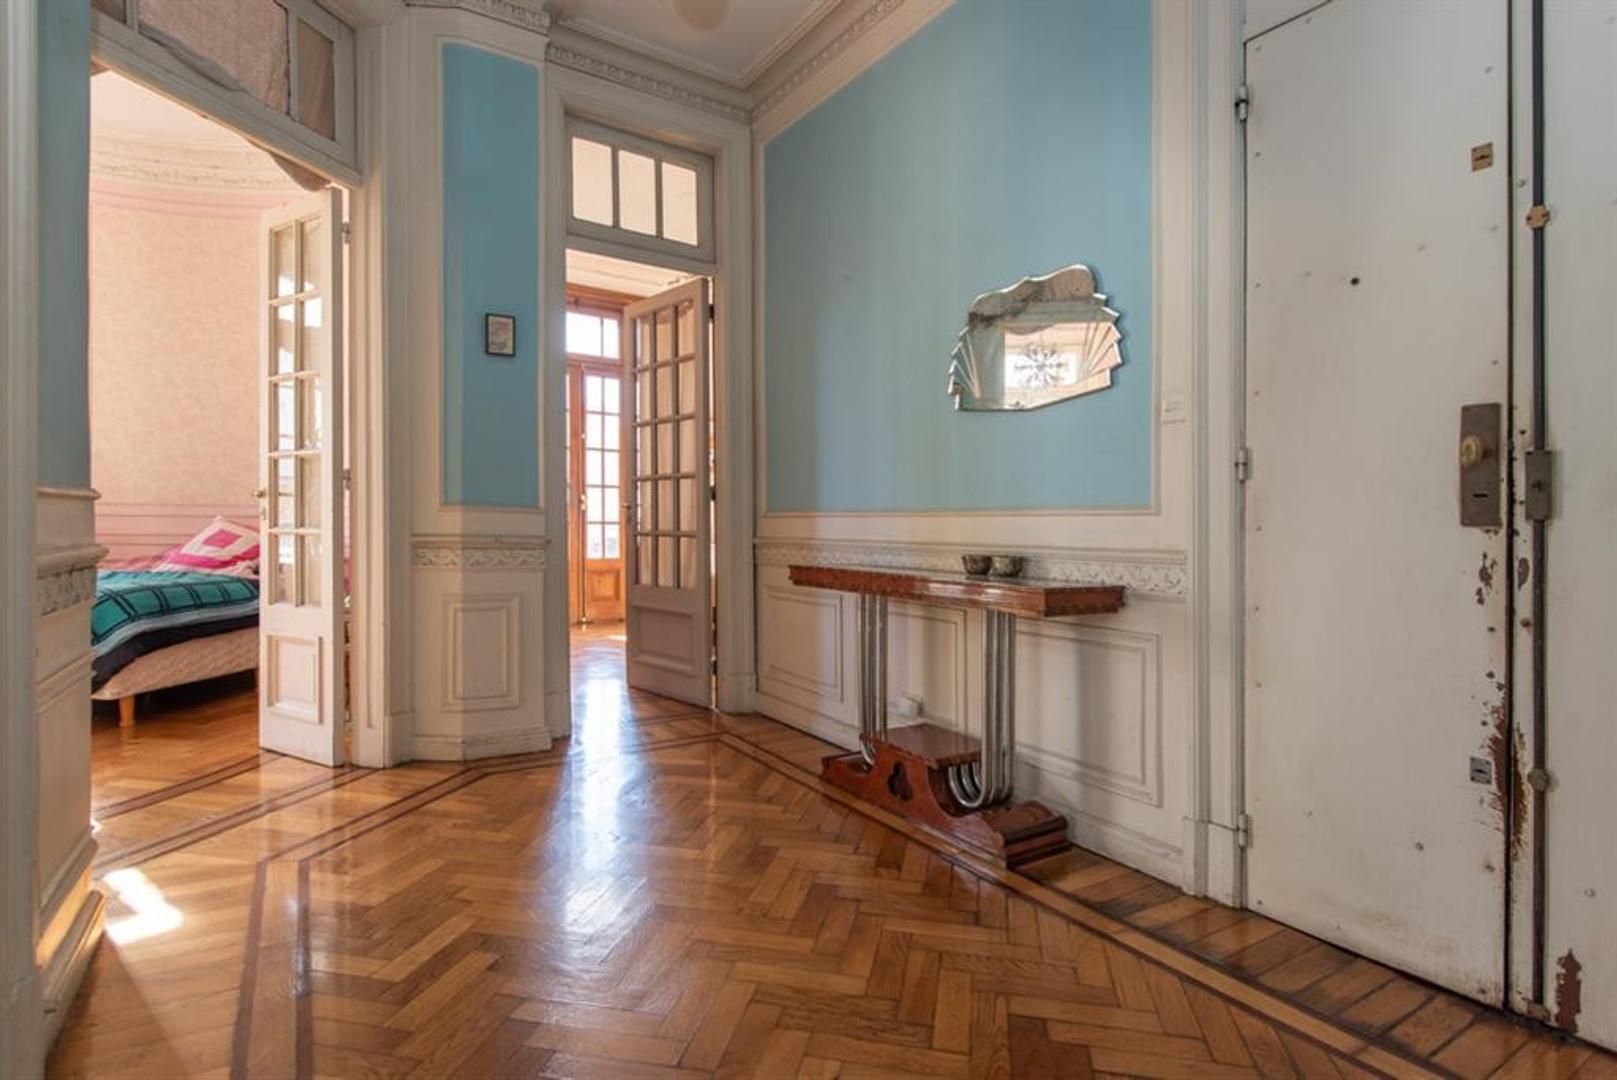 Departamento - 164 m² | 5 dormitorios | 70 años